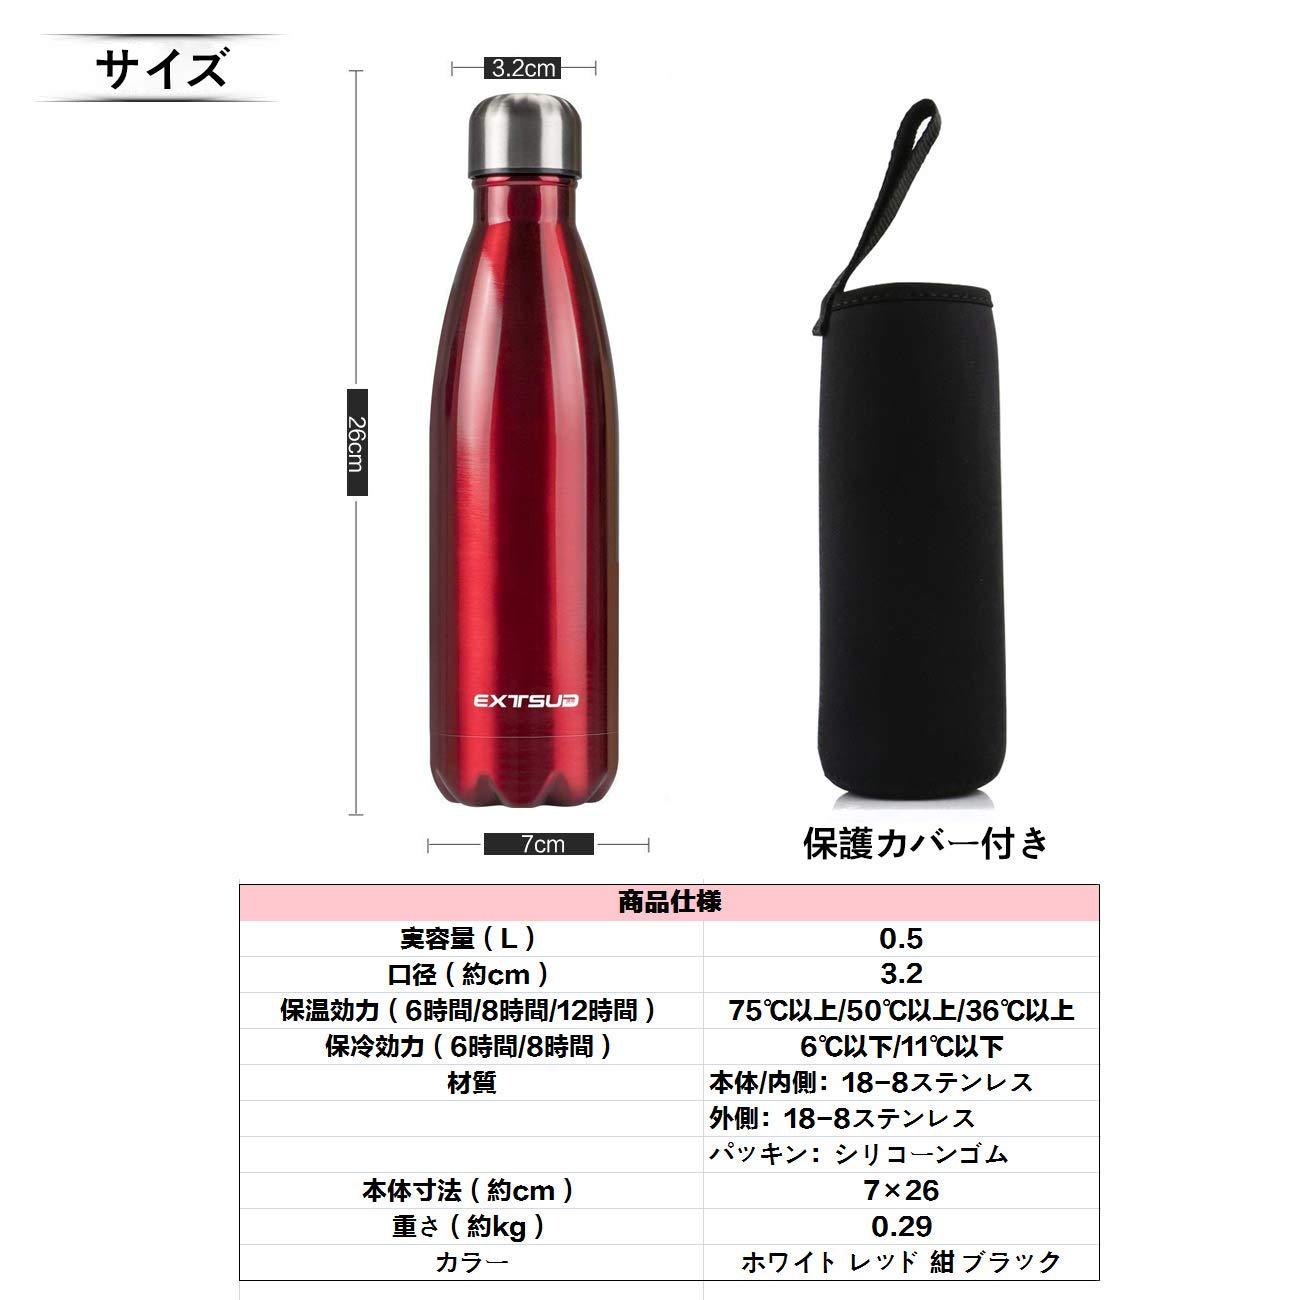 【預購】 星野日本雑貨 EXTSUD 500ml 含保護包 不鏽鋼 水壺 保溫瓶 保溫杯 【星野生活王】